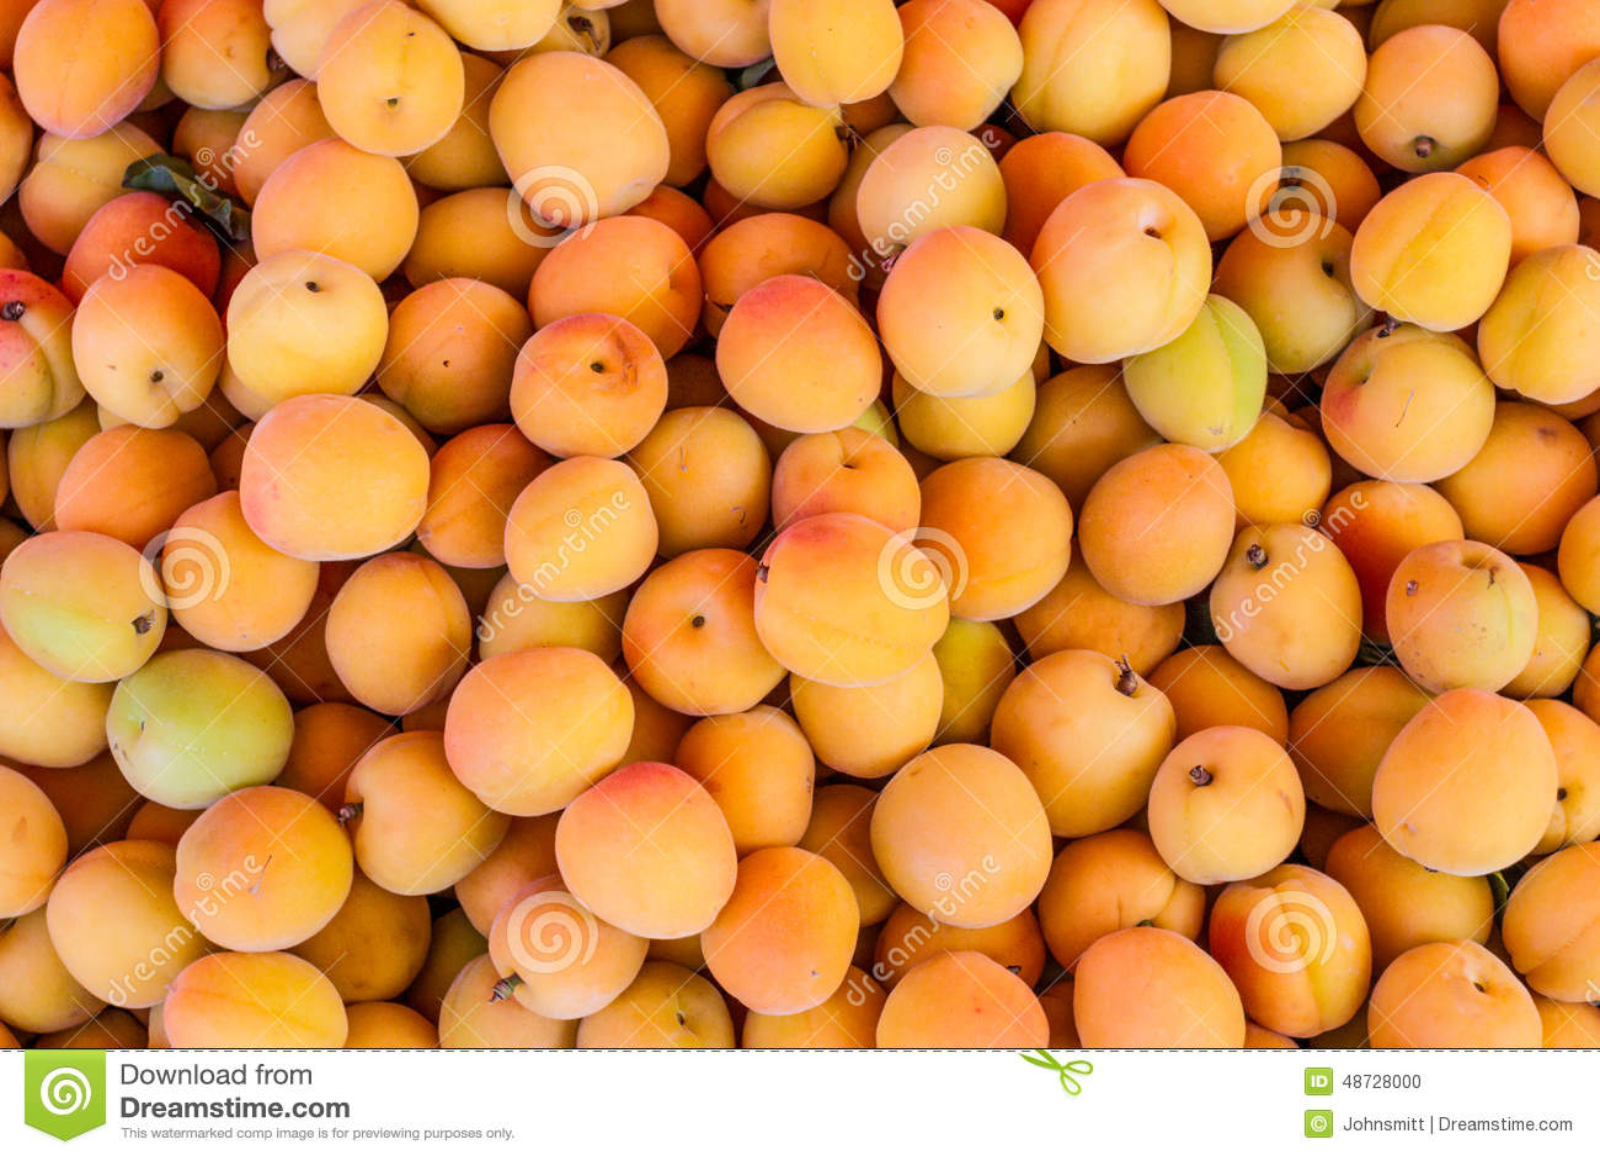 виды персиков